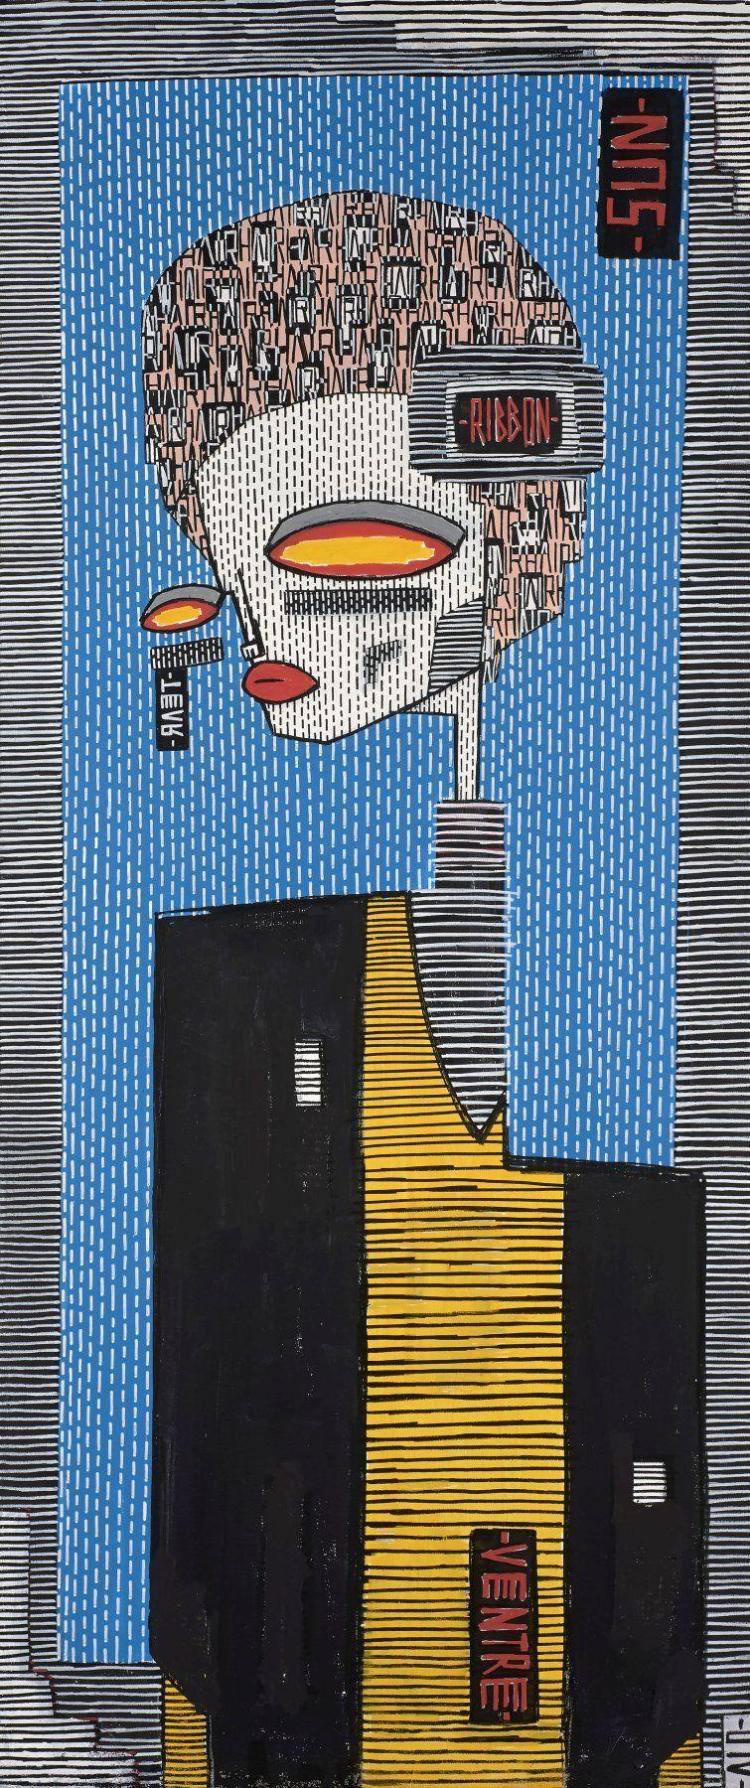 ALO Italien - Né en 1981 NIRVANA - 2015 Acrylique et marqueur sur toile